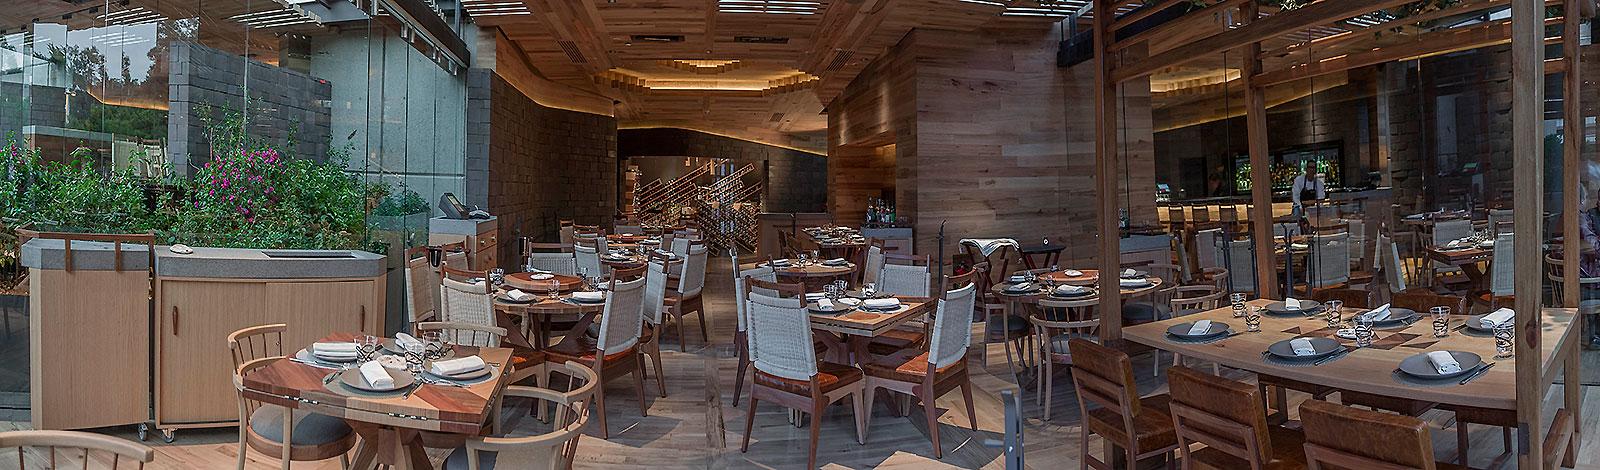 Chapulin un restaurant mexico reso france le blog for Restaurant los azulejos df